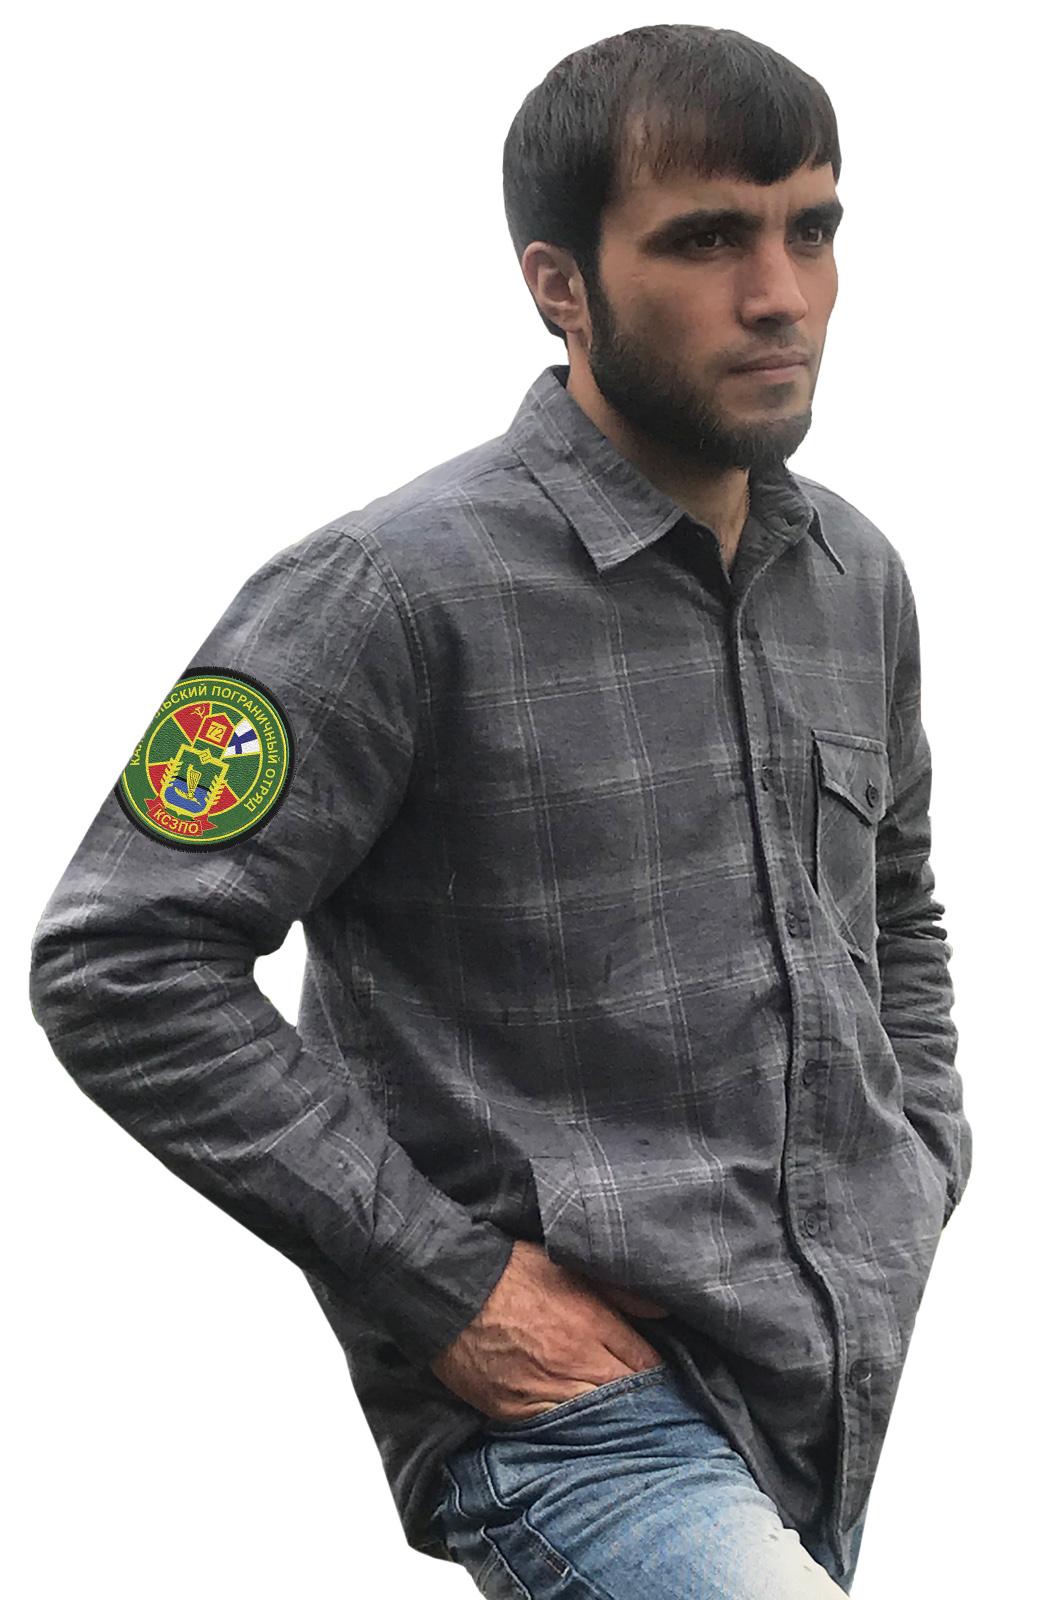 Рубашка с шевроном КСЗПО